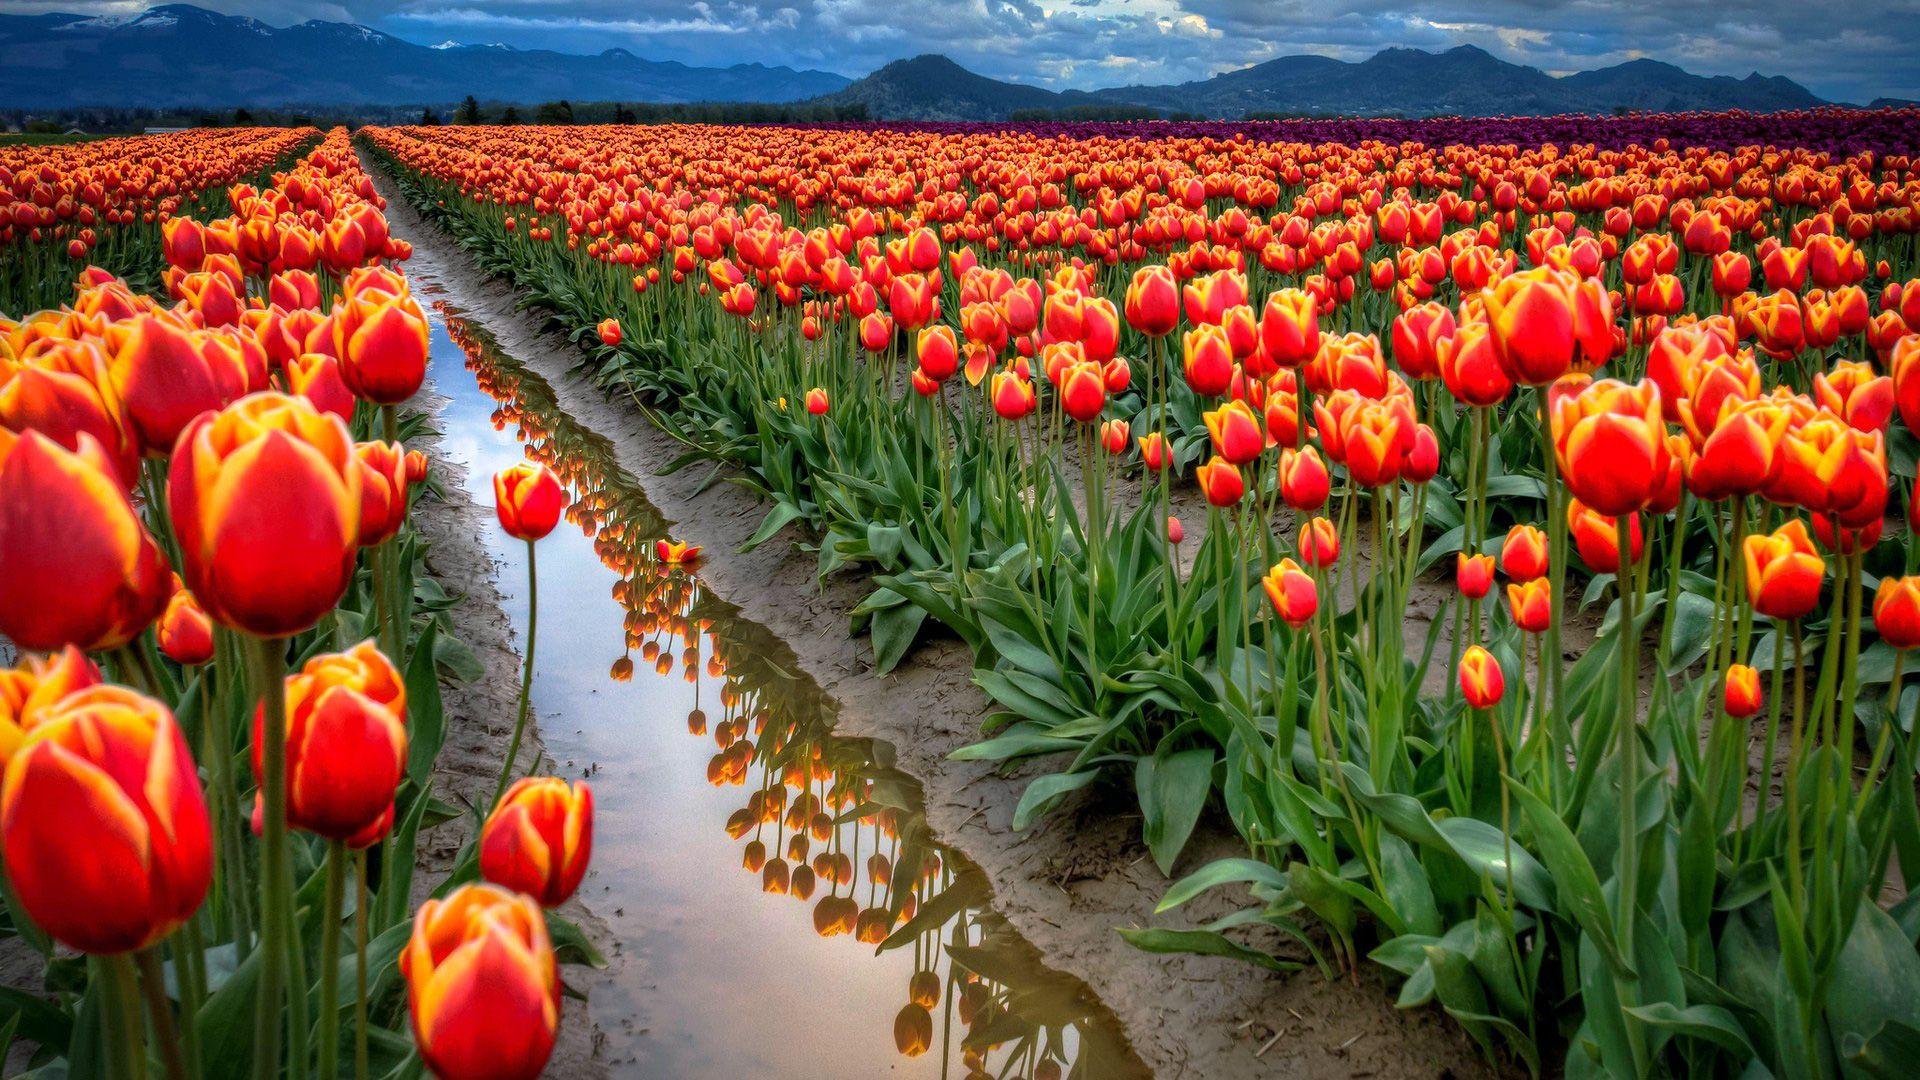 Flowers Desktop Hd Background Walpaper Tulips Flowers Flowers Nature Flower Field